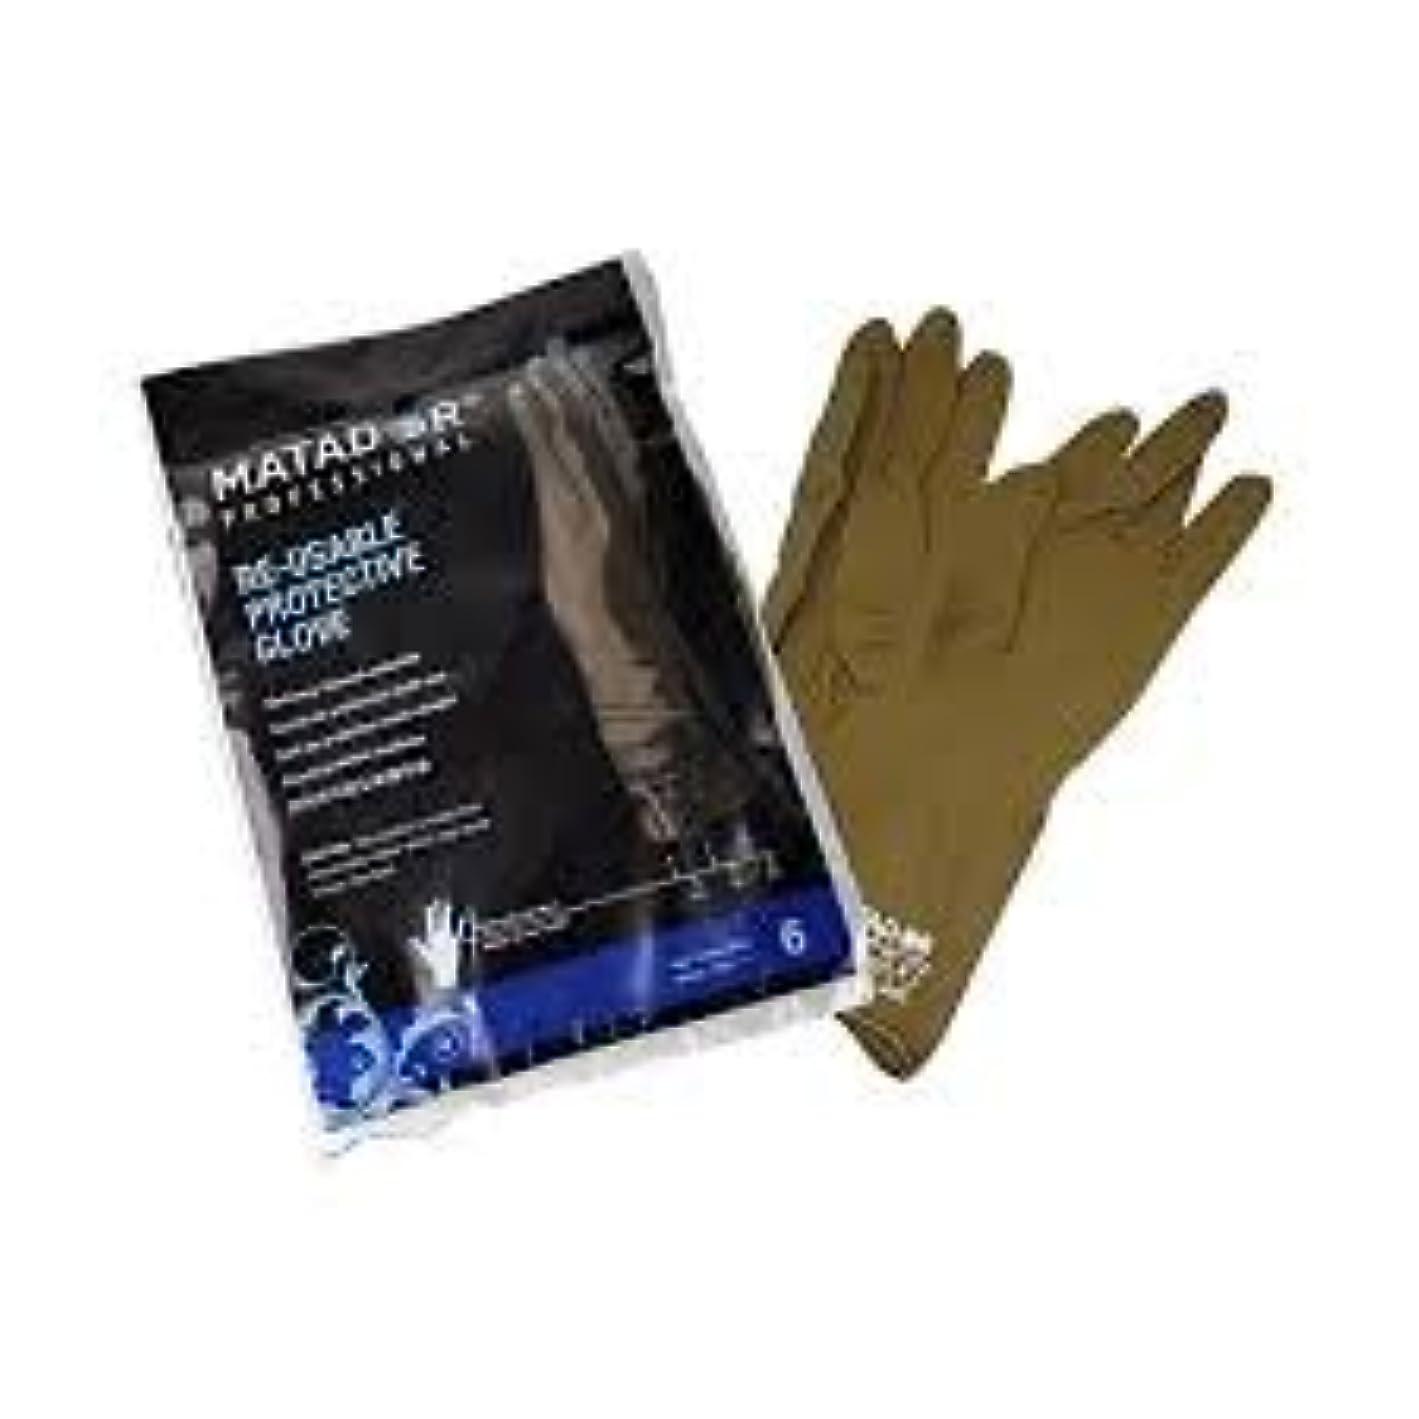 与える抑制ベイビーマタドールゴム手袋 6.0吋 【5個セット】